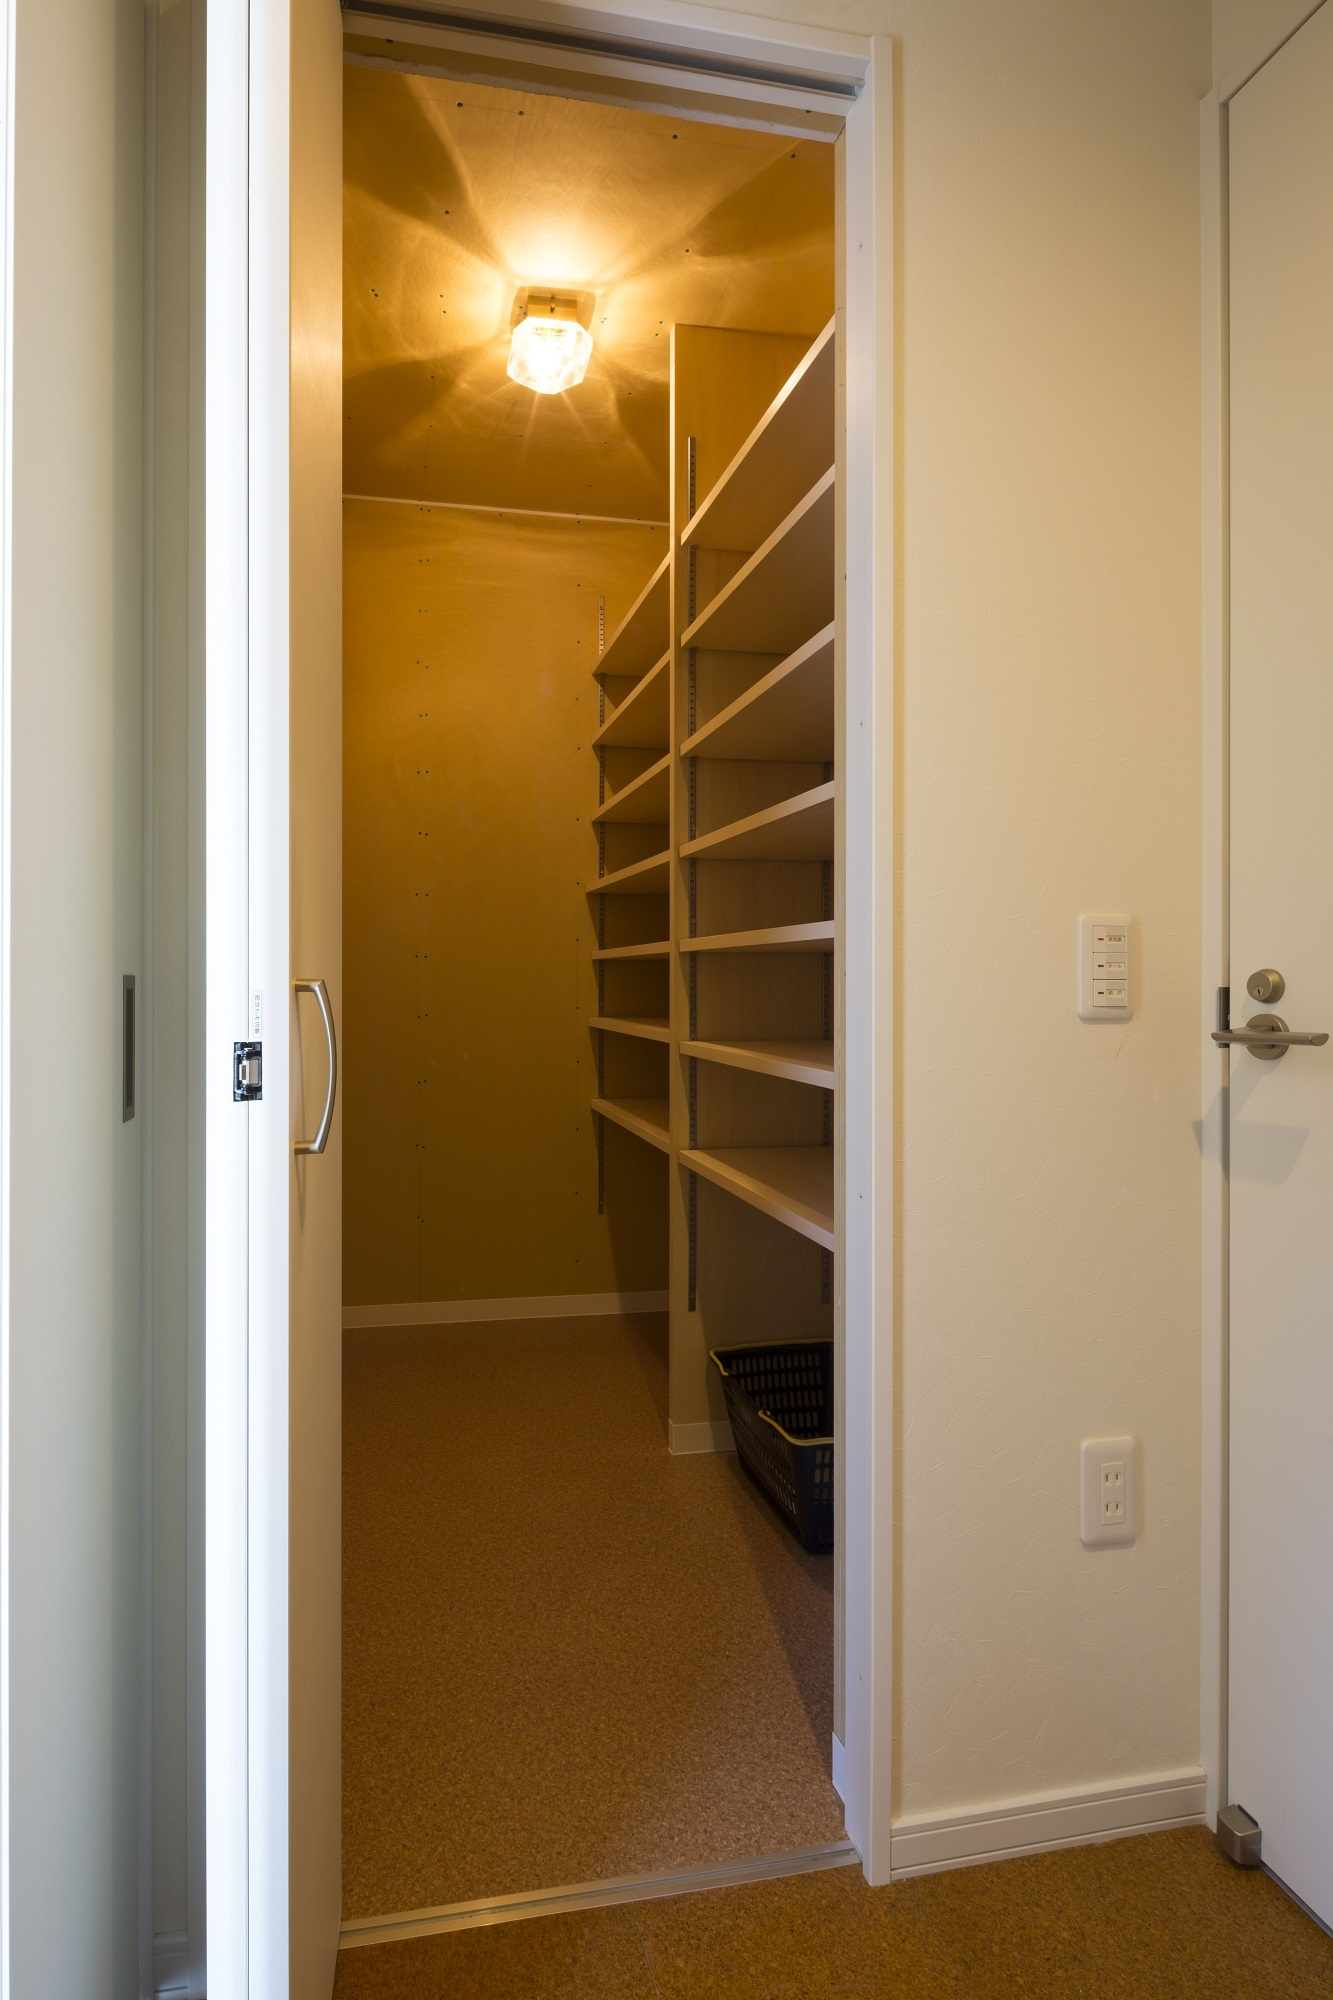 親世帯A邸の玄関。ホール正面にはたっぷりの玄関収納も。右手に見えるドアを開ければ子世帯につながります